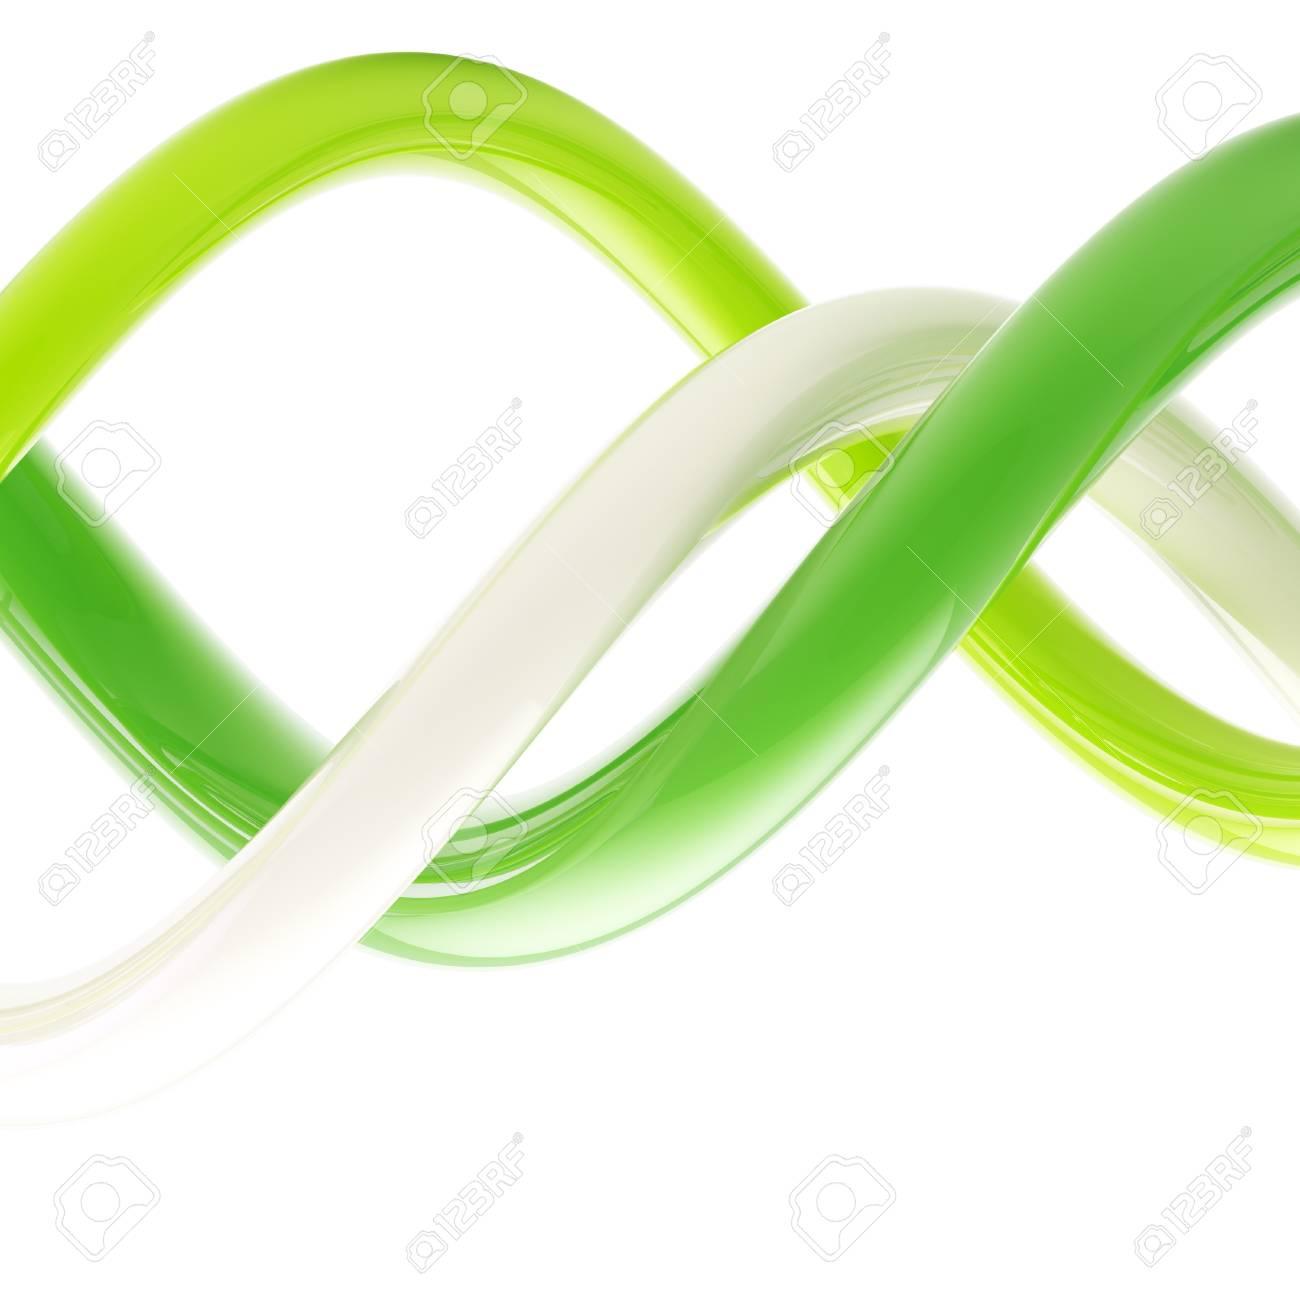 Resumen De Antecedentes De Hecho De Brillantes Espirales De Plástico ...